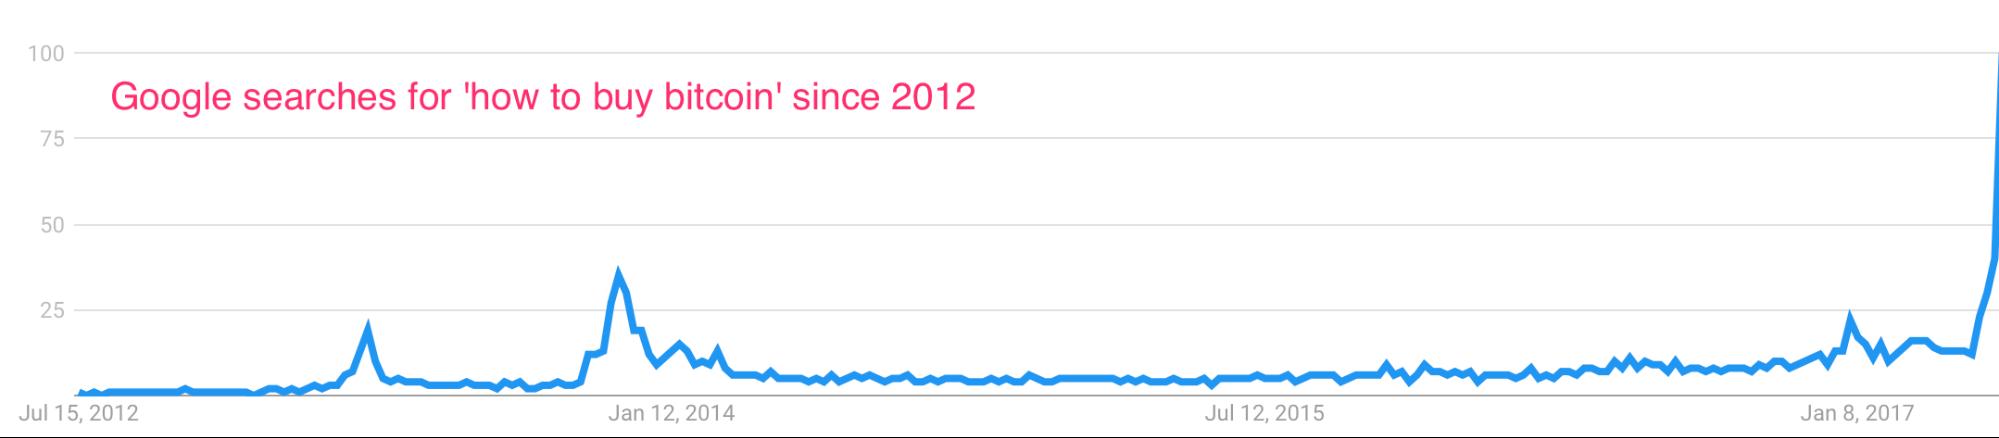 bitcoin searches